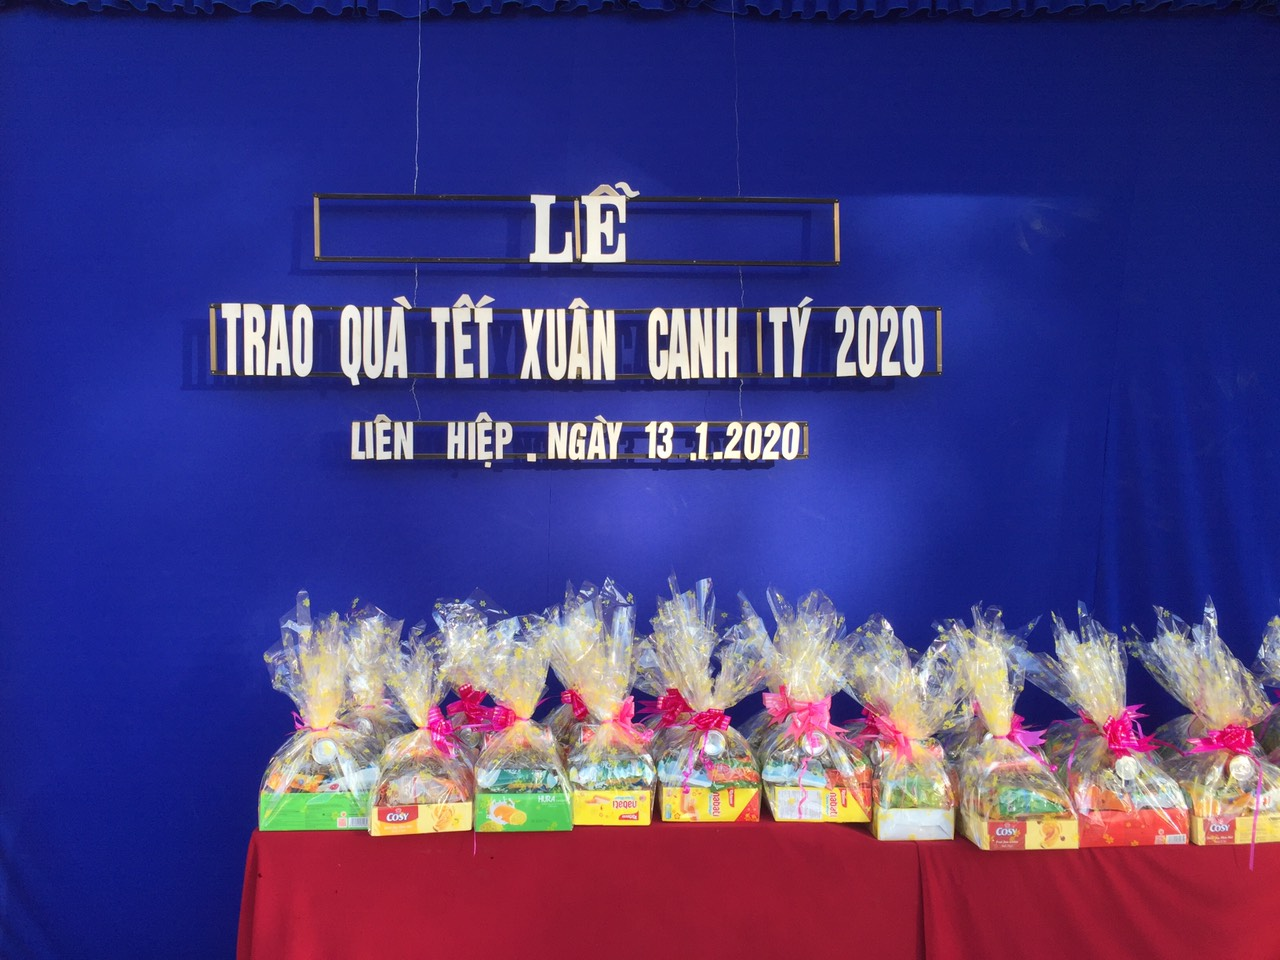 LỄ TRAO QUÀ TẾT XUÂN CANH TÝ 2020